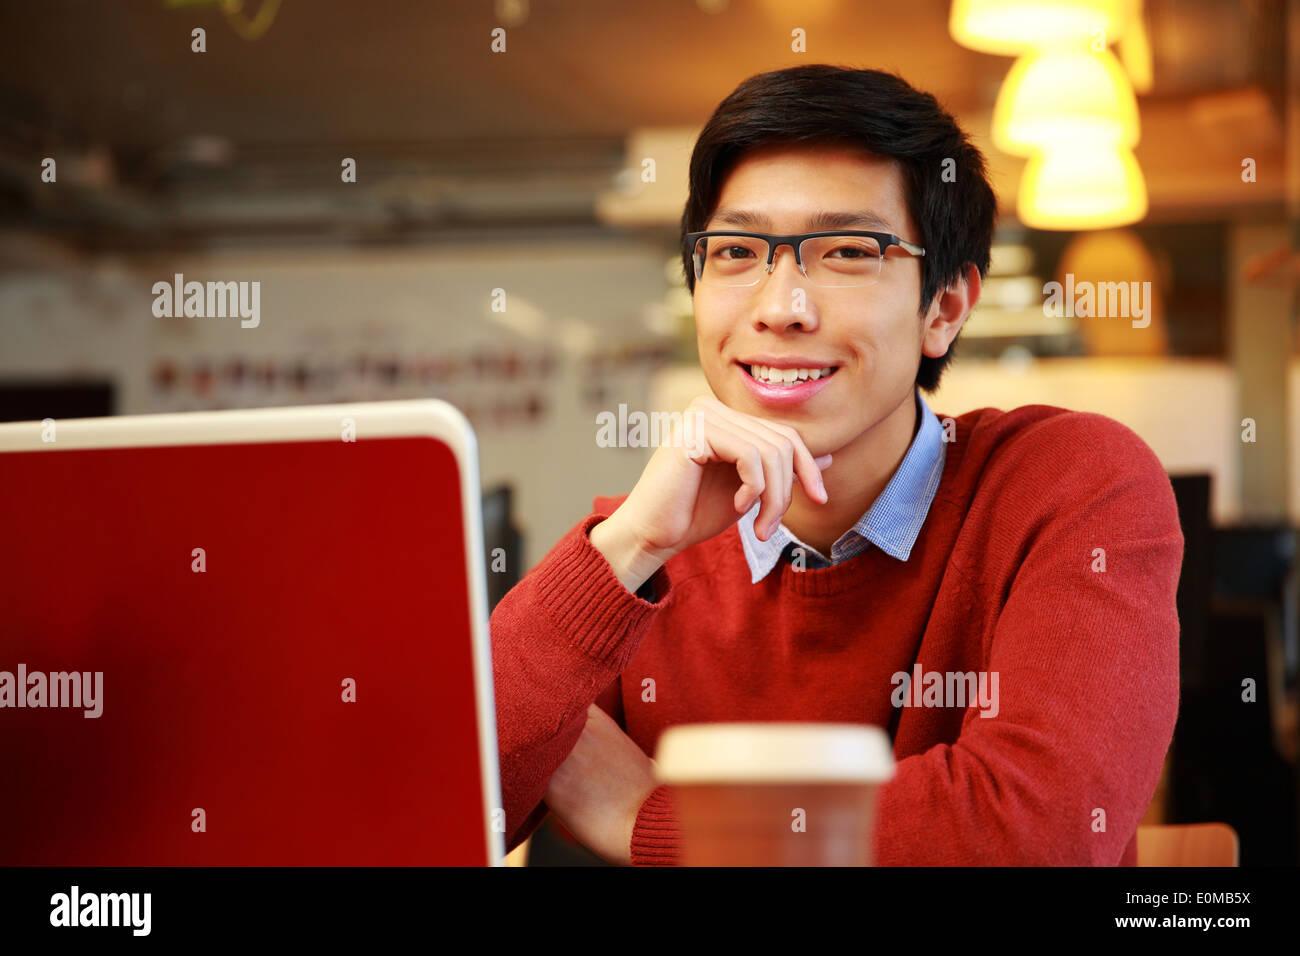 Allegro uomo asiatico di sedere a tavola con laptop e guardando la fotocamera Immagini Stock